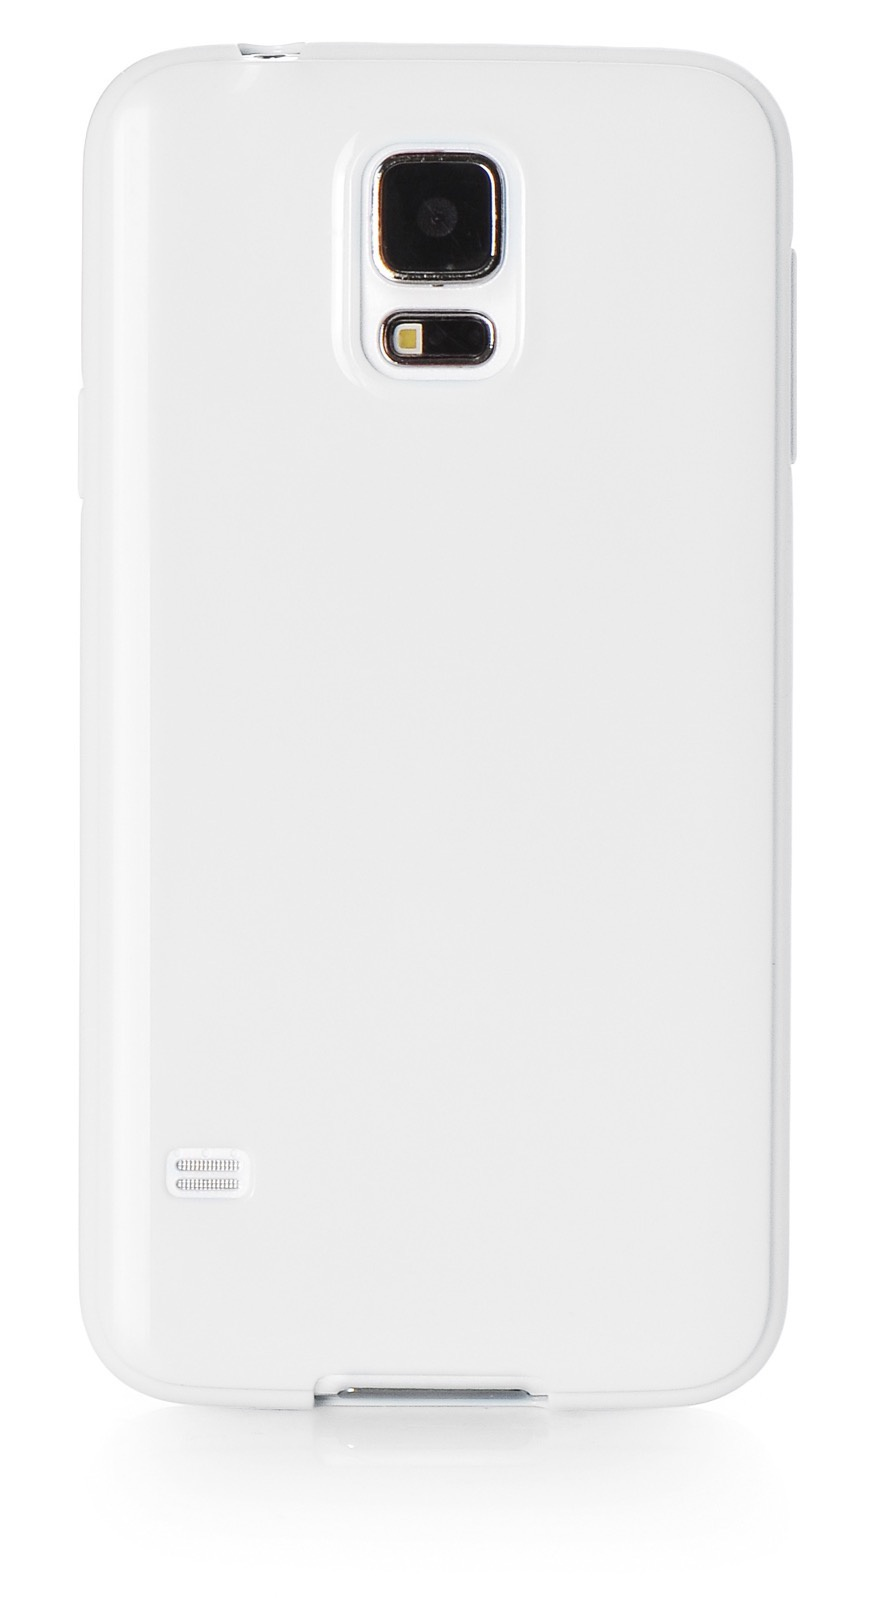 Чехол для сотового телефона iNeez накладка силикон мыльница 530081 для Samsung Galaxy S5, белый